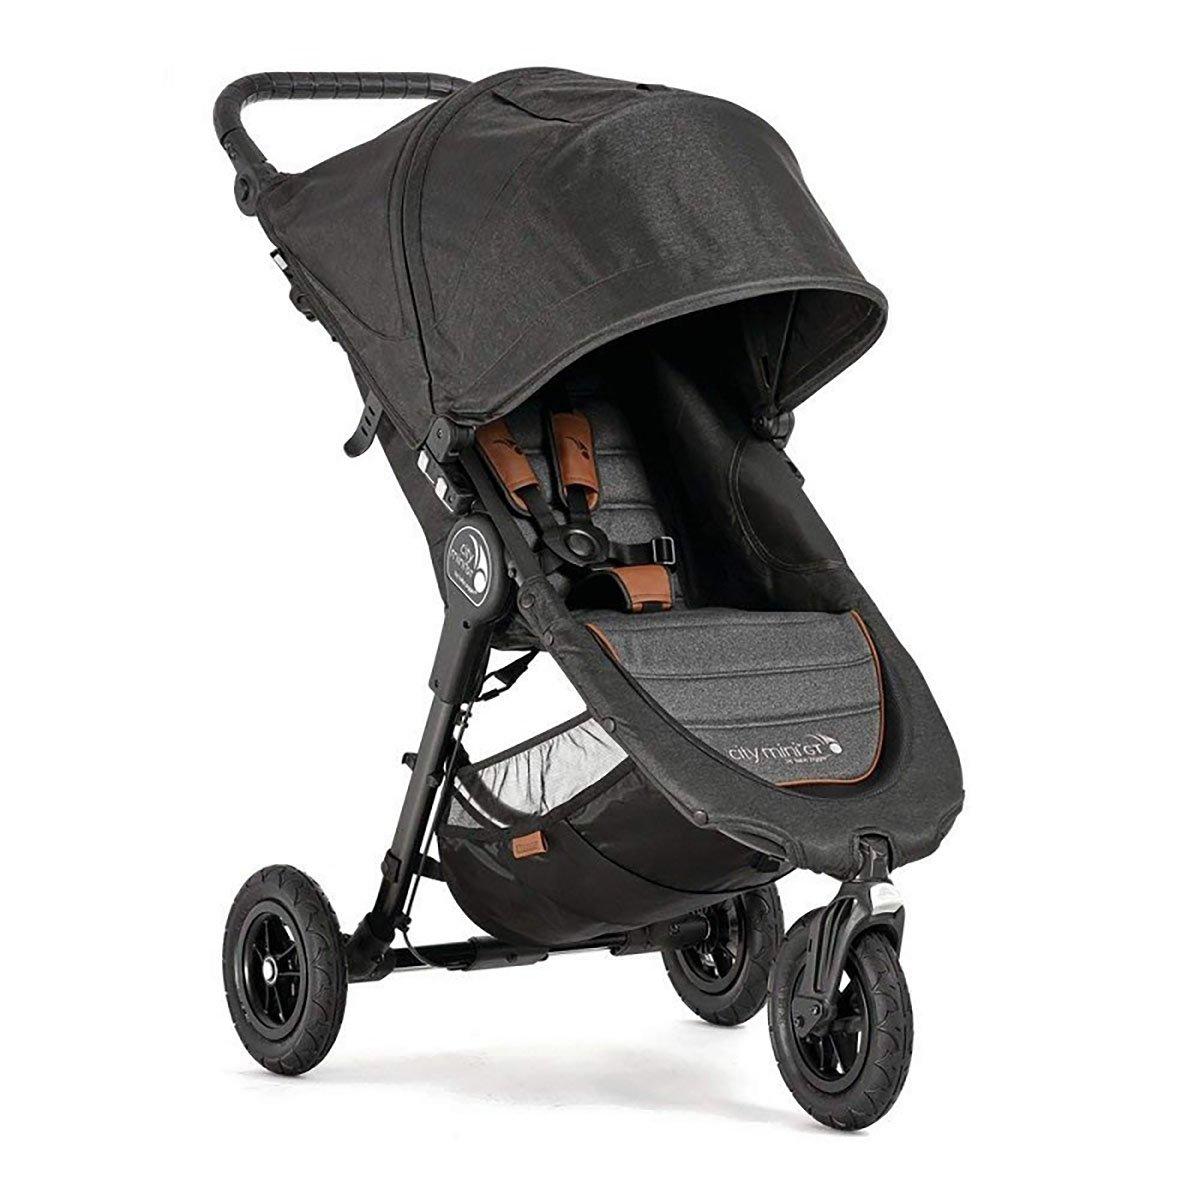 Carucior Baby Jogger City Mini Gt, Editie Aniversara